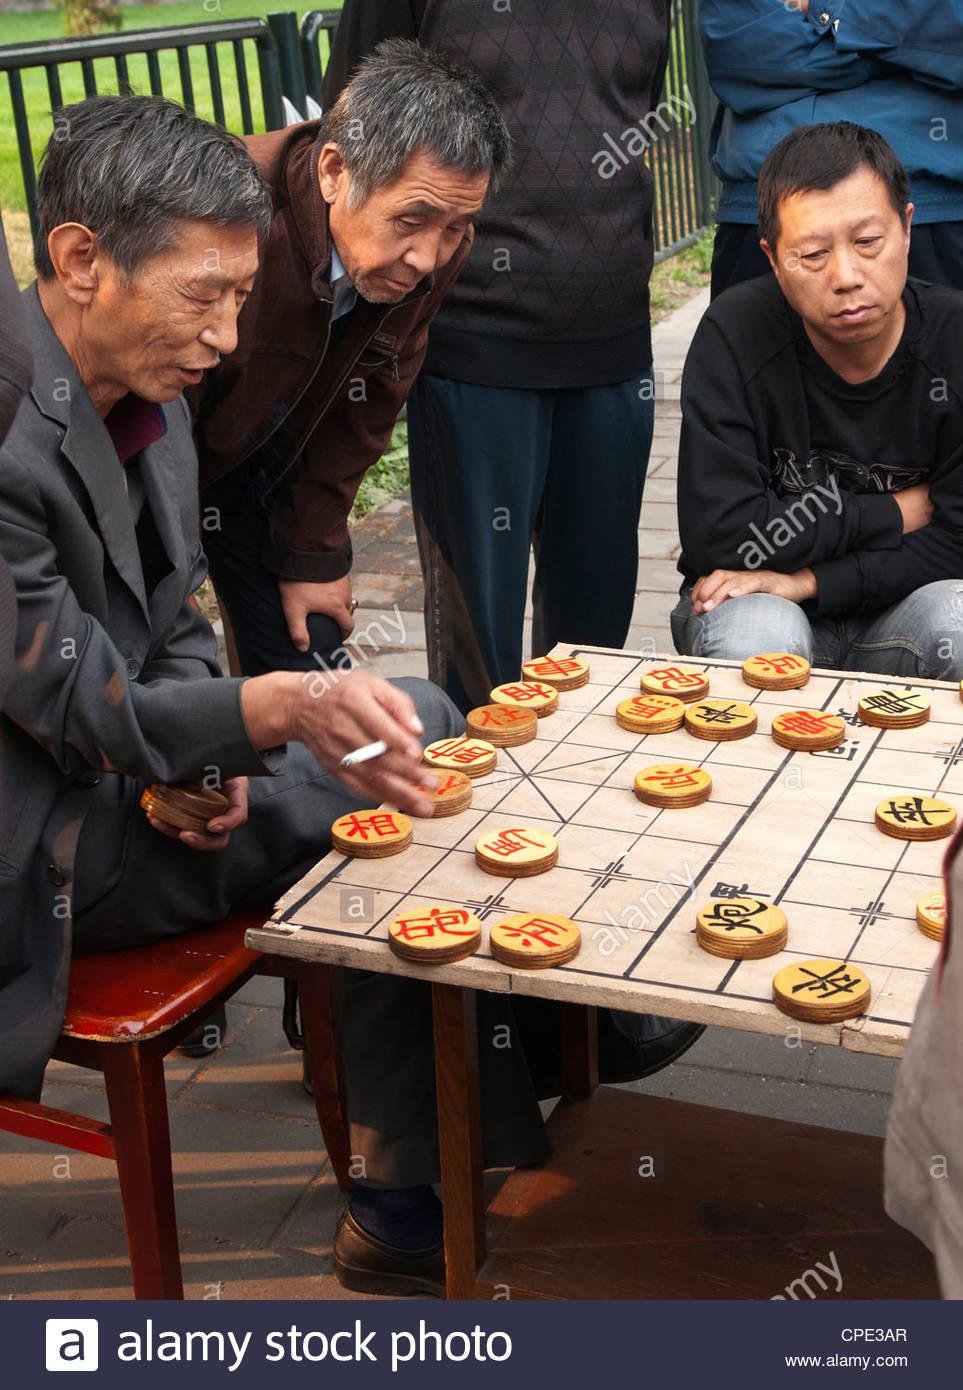 Men playing Chinese chess, Beijing, China, Asia Stock Photo